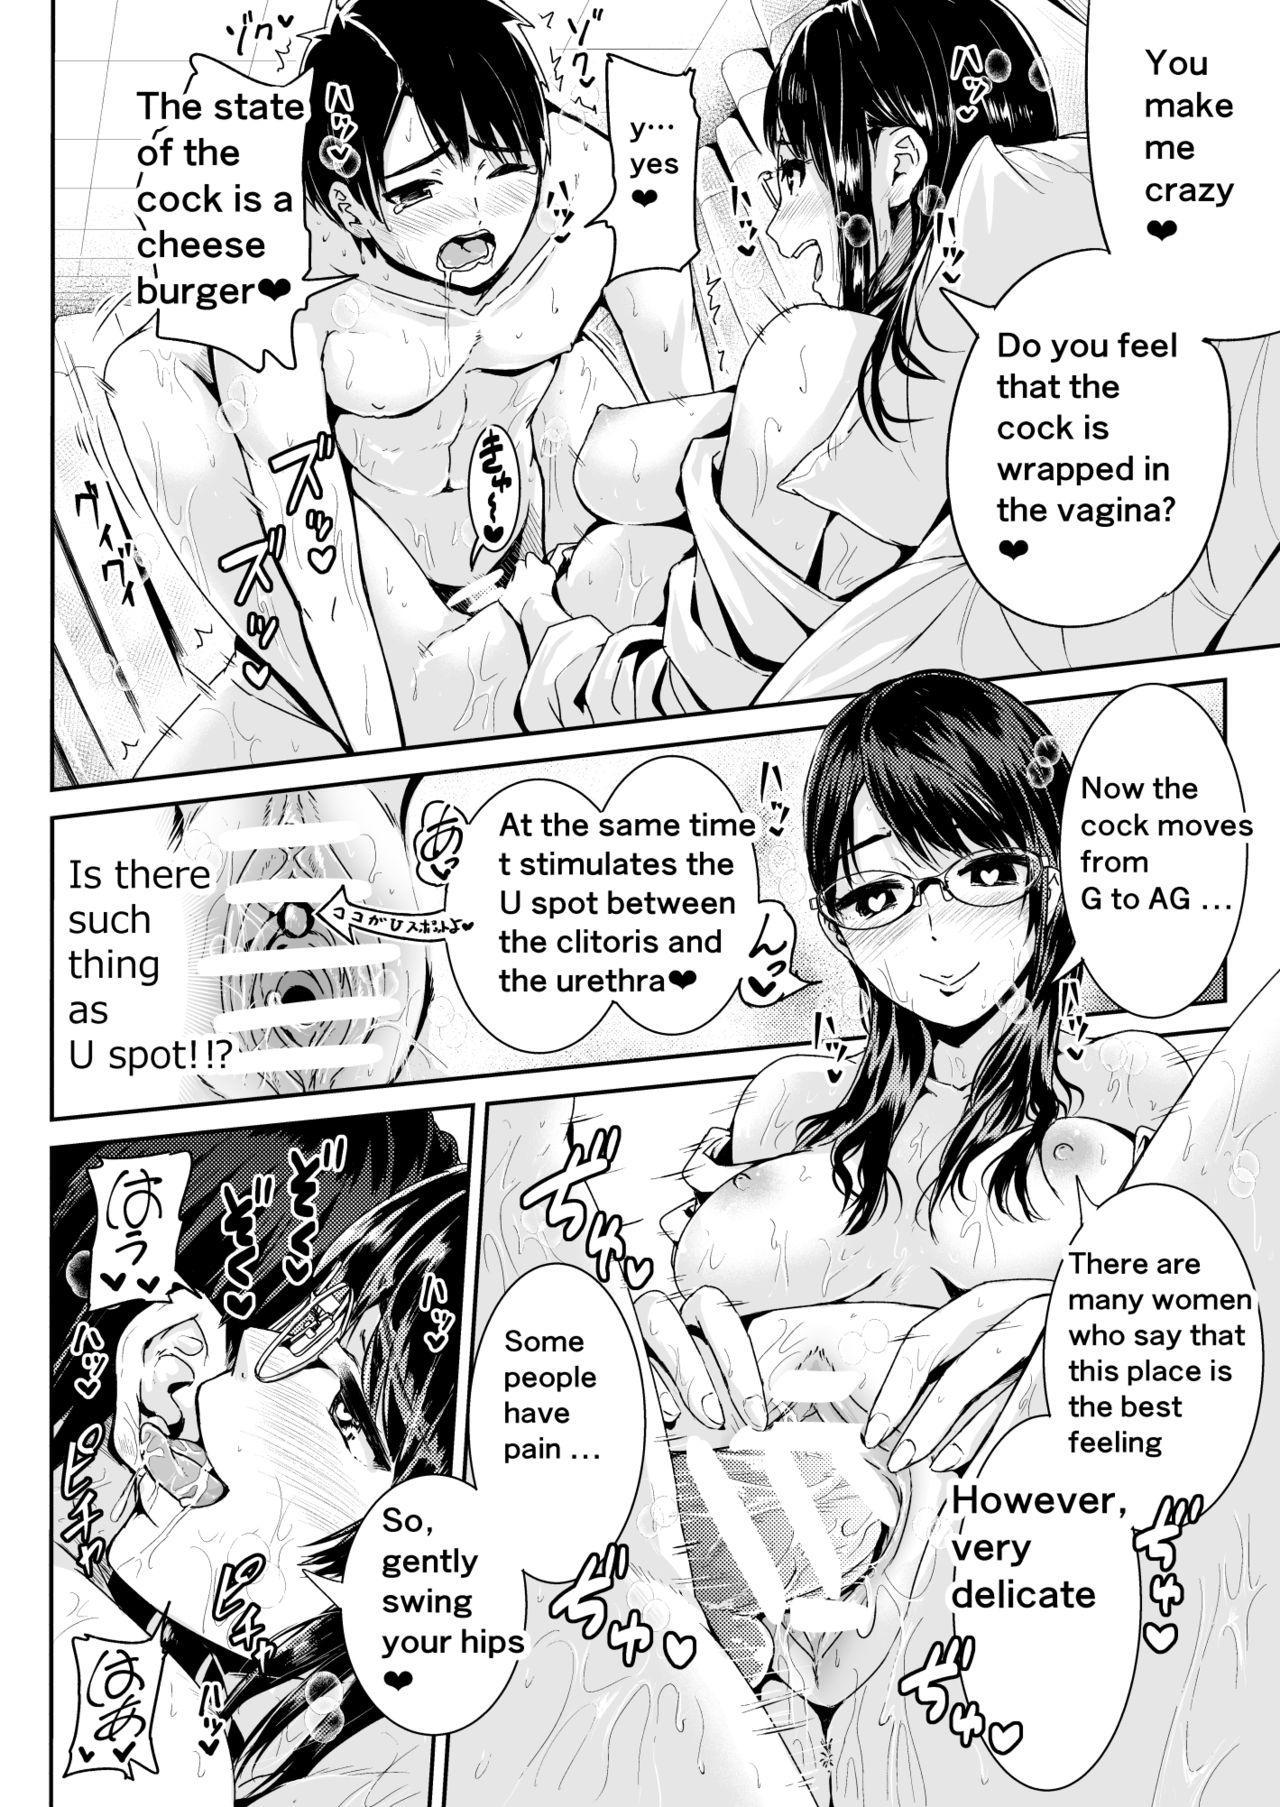 Doutei no Ore o Yuuwaku suru Ecchi na Joshi-tachi!? 5 | Girls Tempting Me, A Cherry Boy!? 5 2